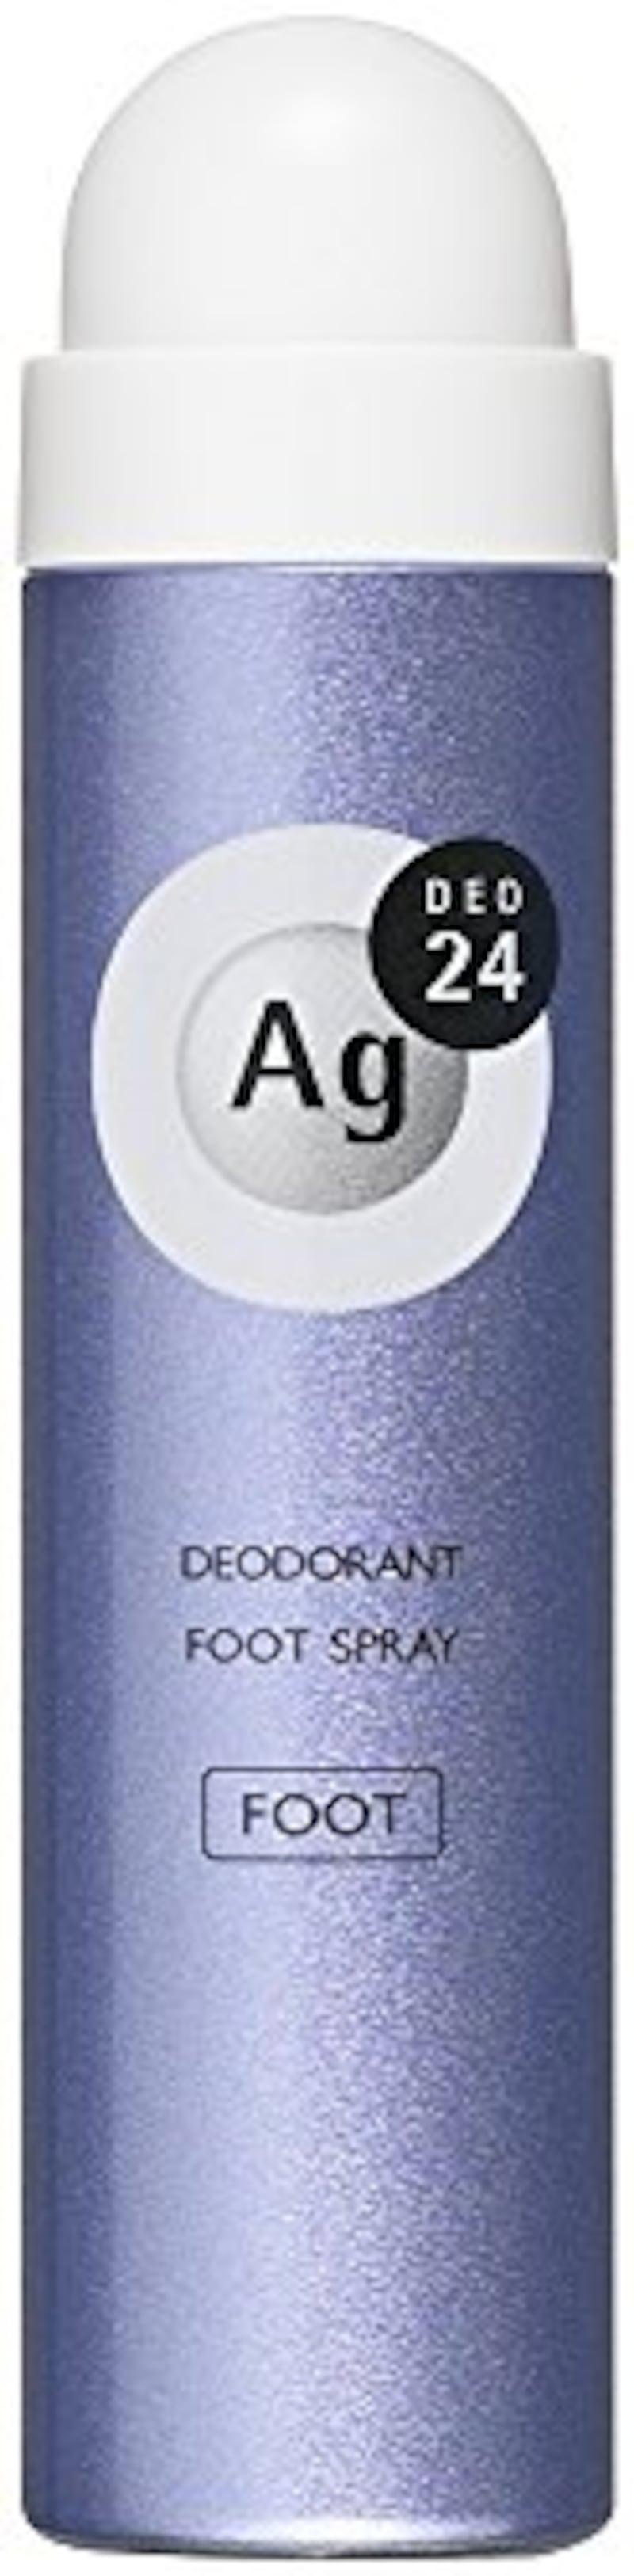 エージーデオ24,フットスプレー 無香料 40g